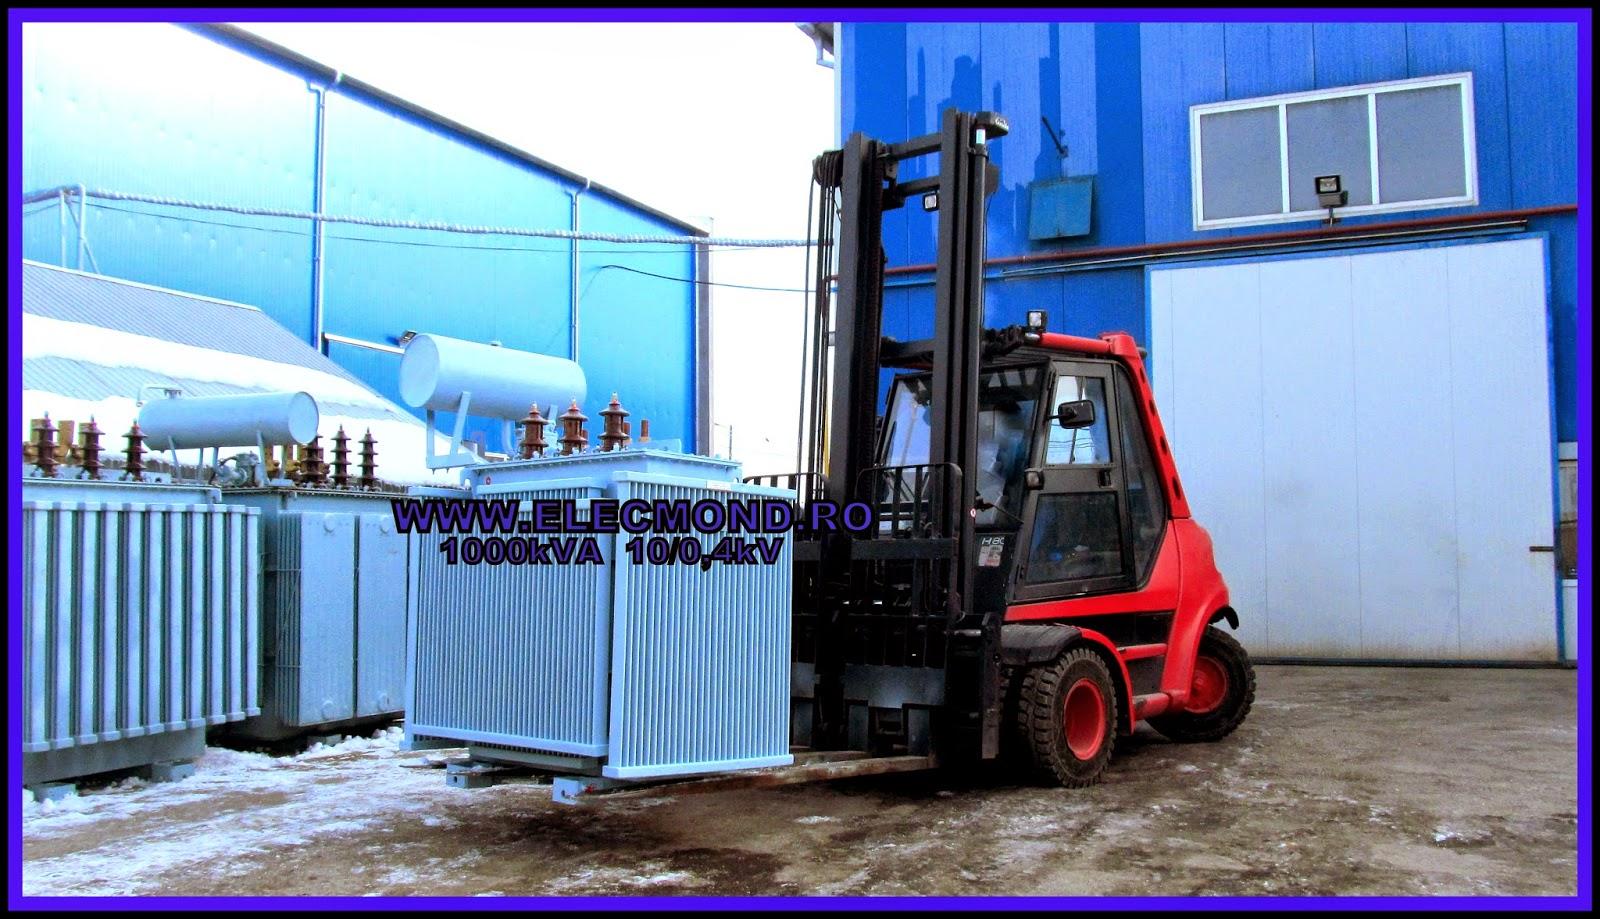 ,transformator 1000 kVA 10 04 kV , elecmond , transformatoare , transformator , trafo 1000 kVA 10 04 kV ,